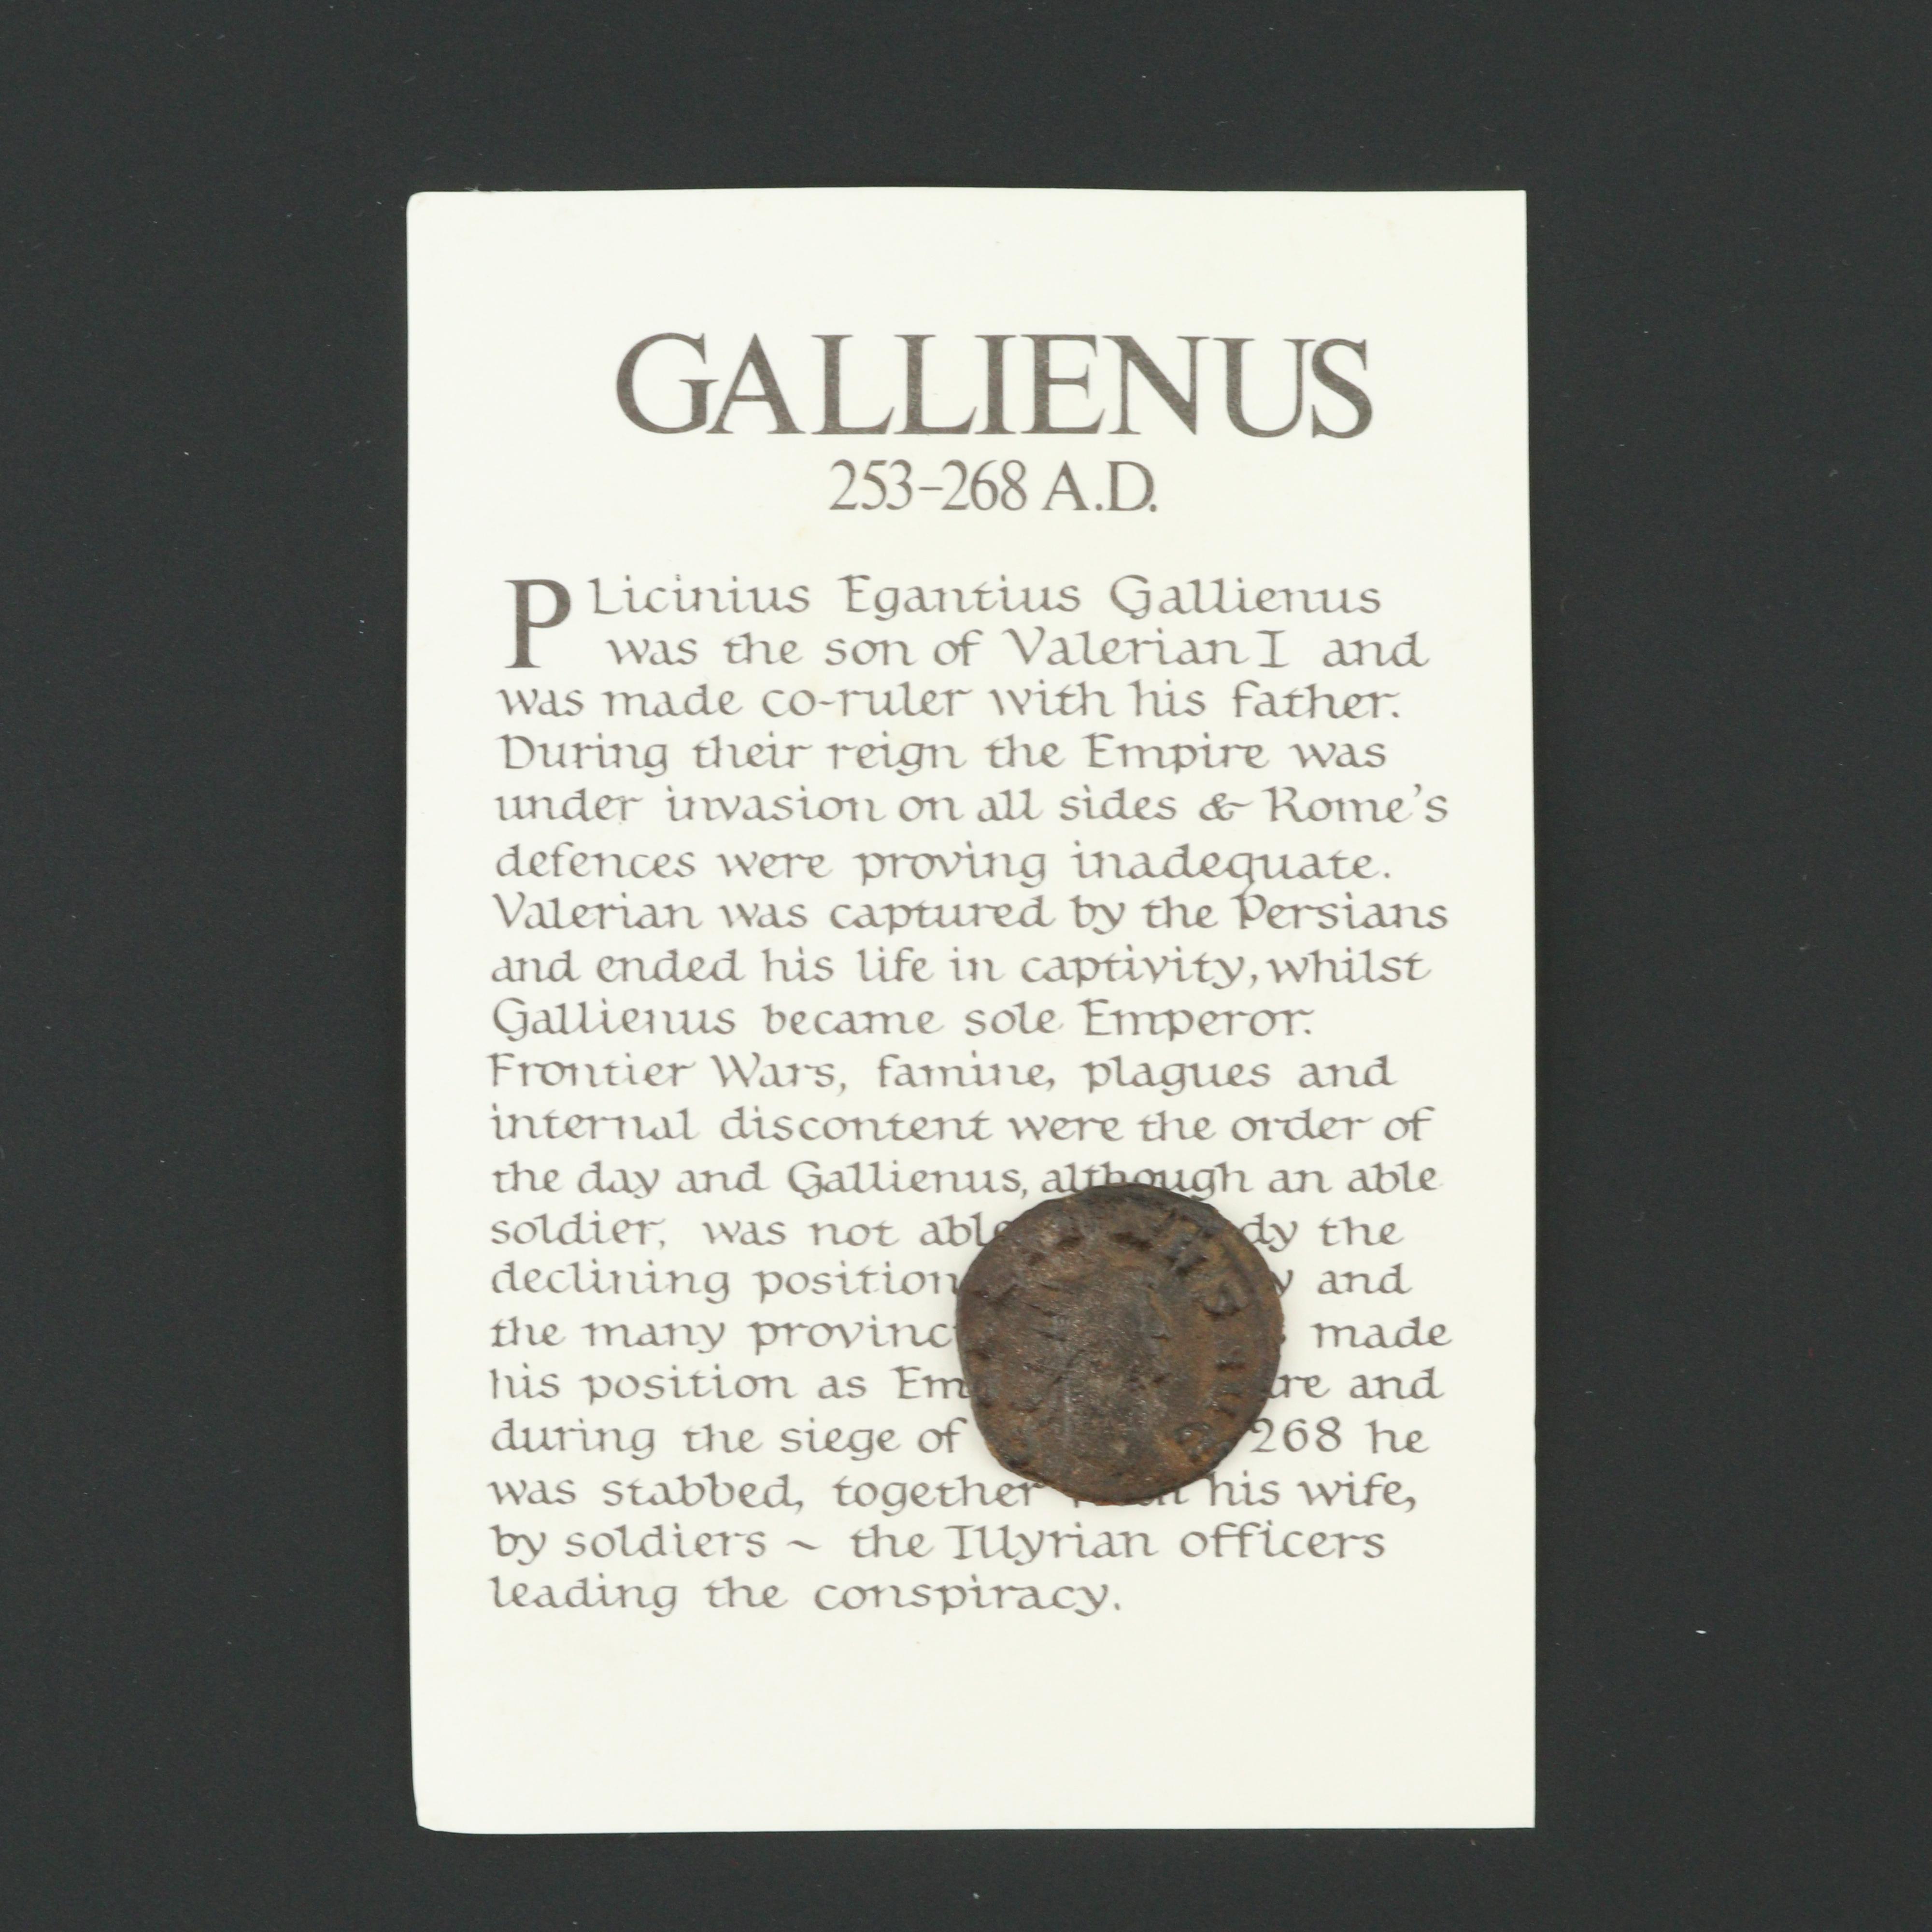 Ancient Roman Imperial AE3 Reduced Follis Coin of Gallienus, ca. 253 A.D.